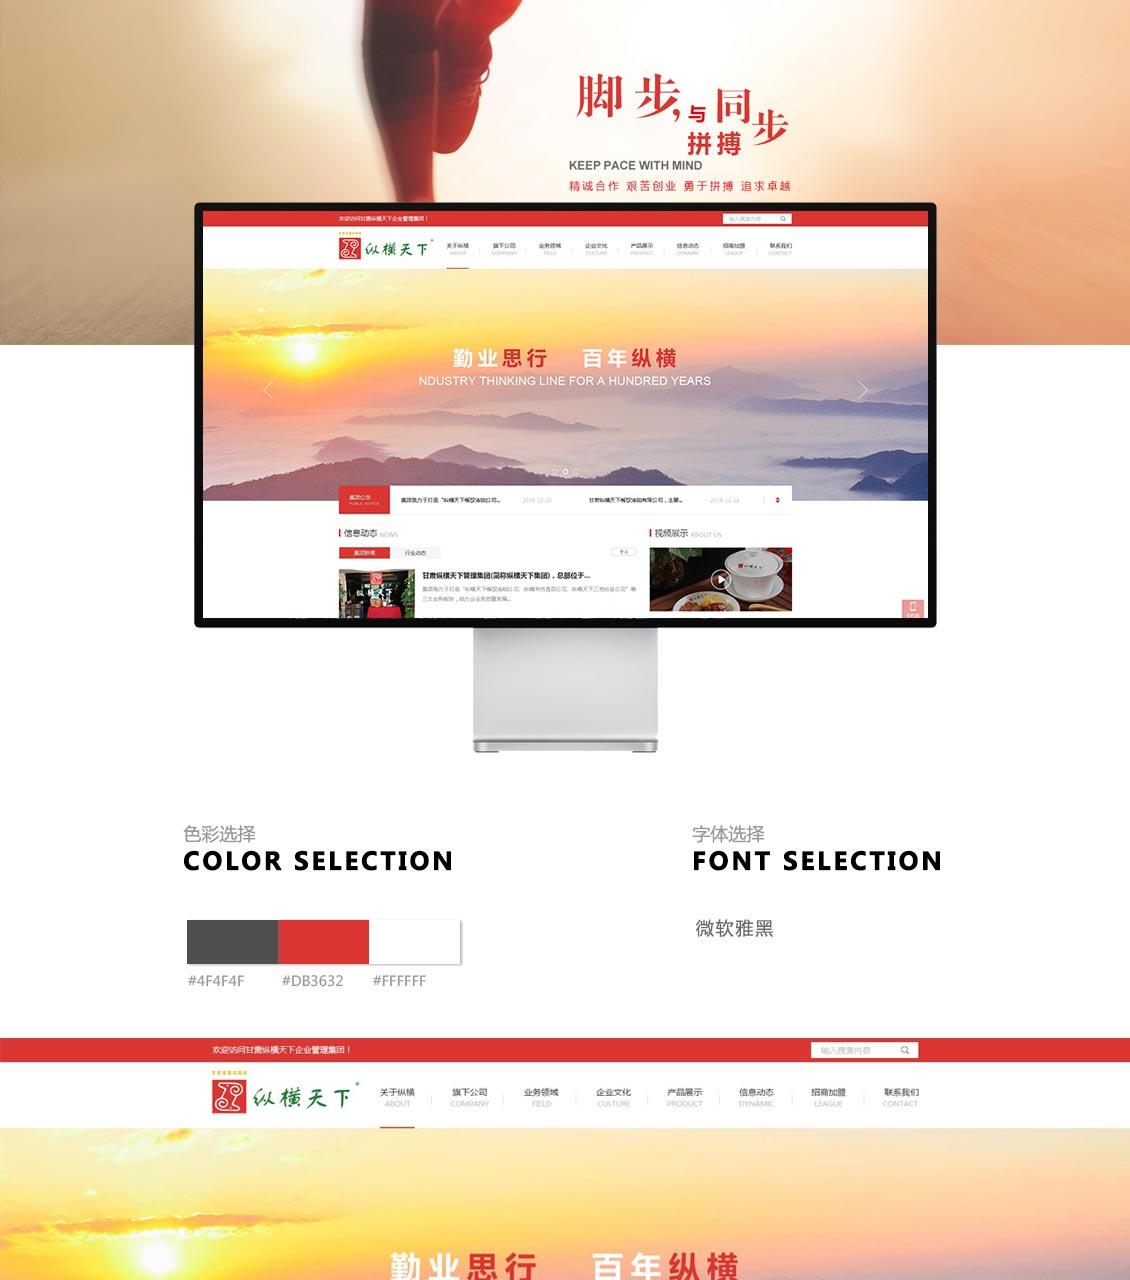 甘肃纵横天下管理集团网站建设